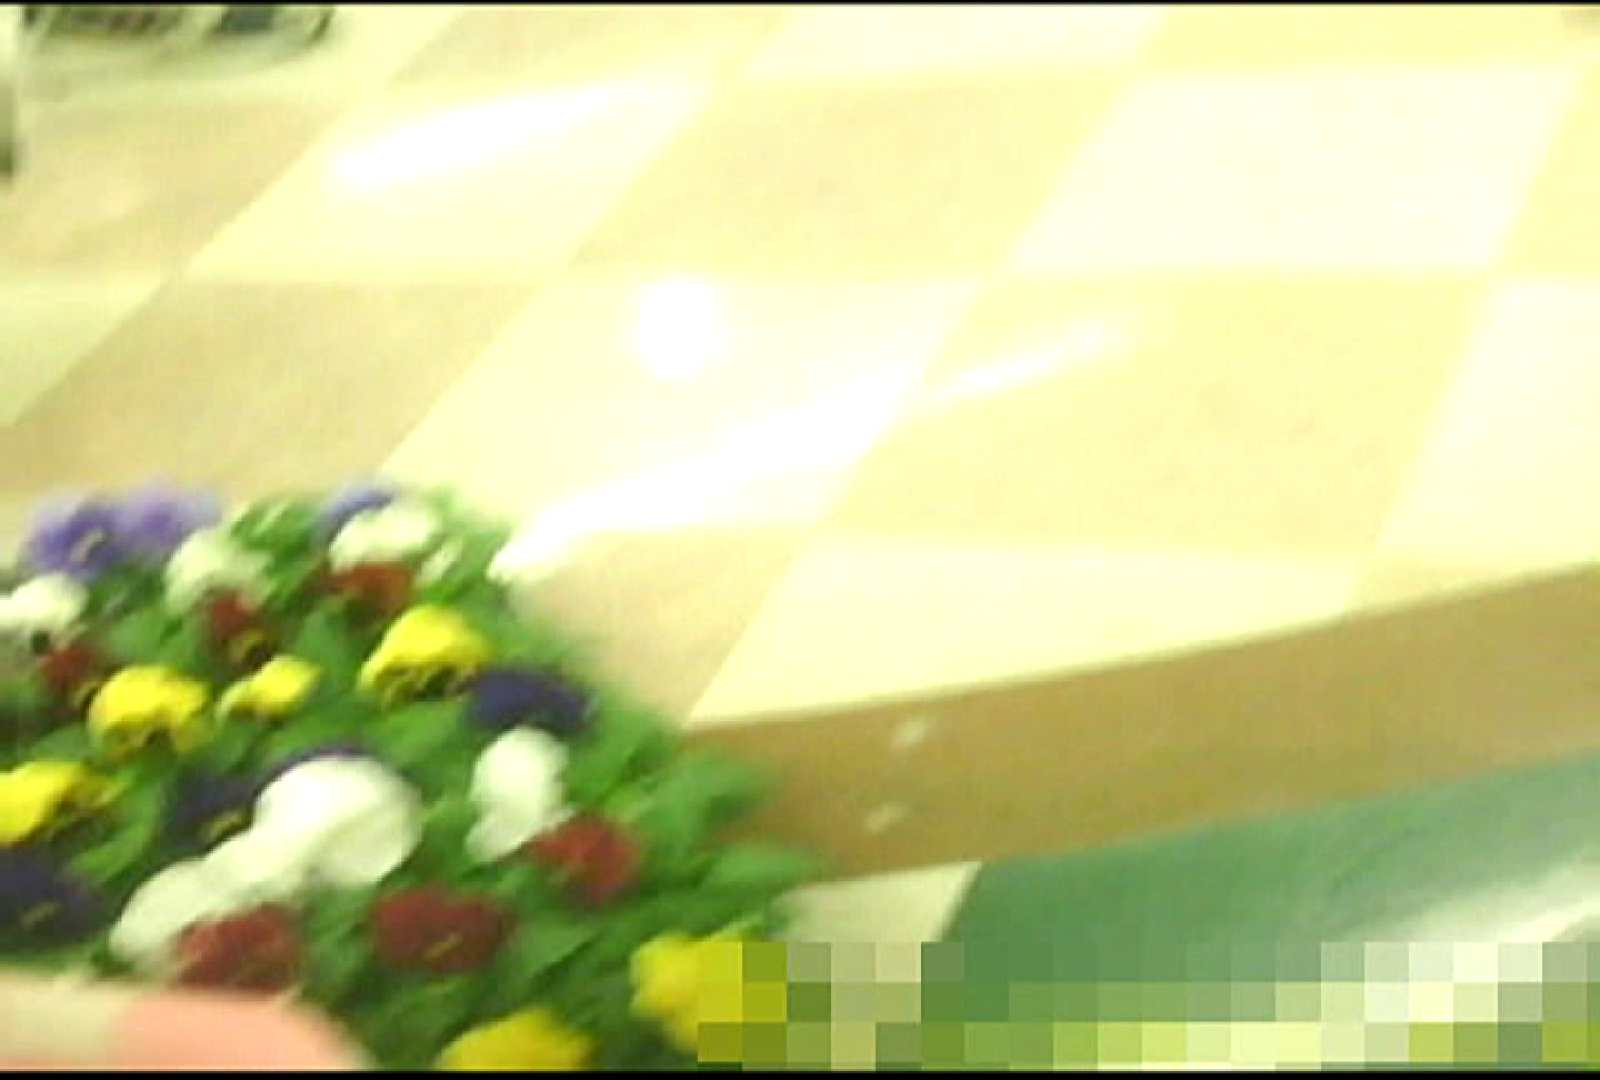 「ノゾキスト」さんの陰撮!!美女サルベージVol.4 ギャル  63枚 22